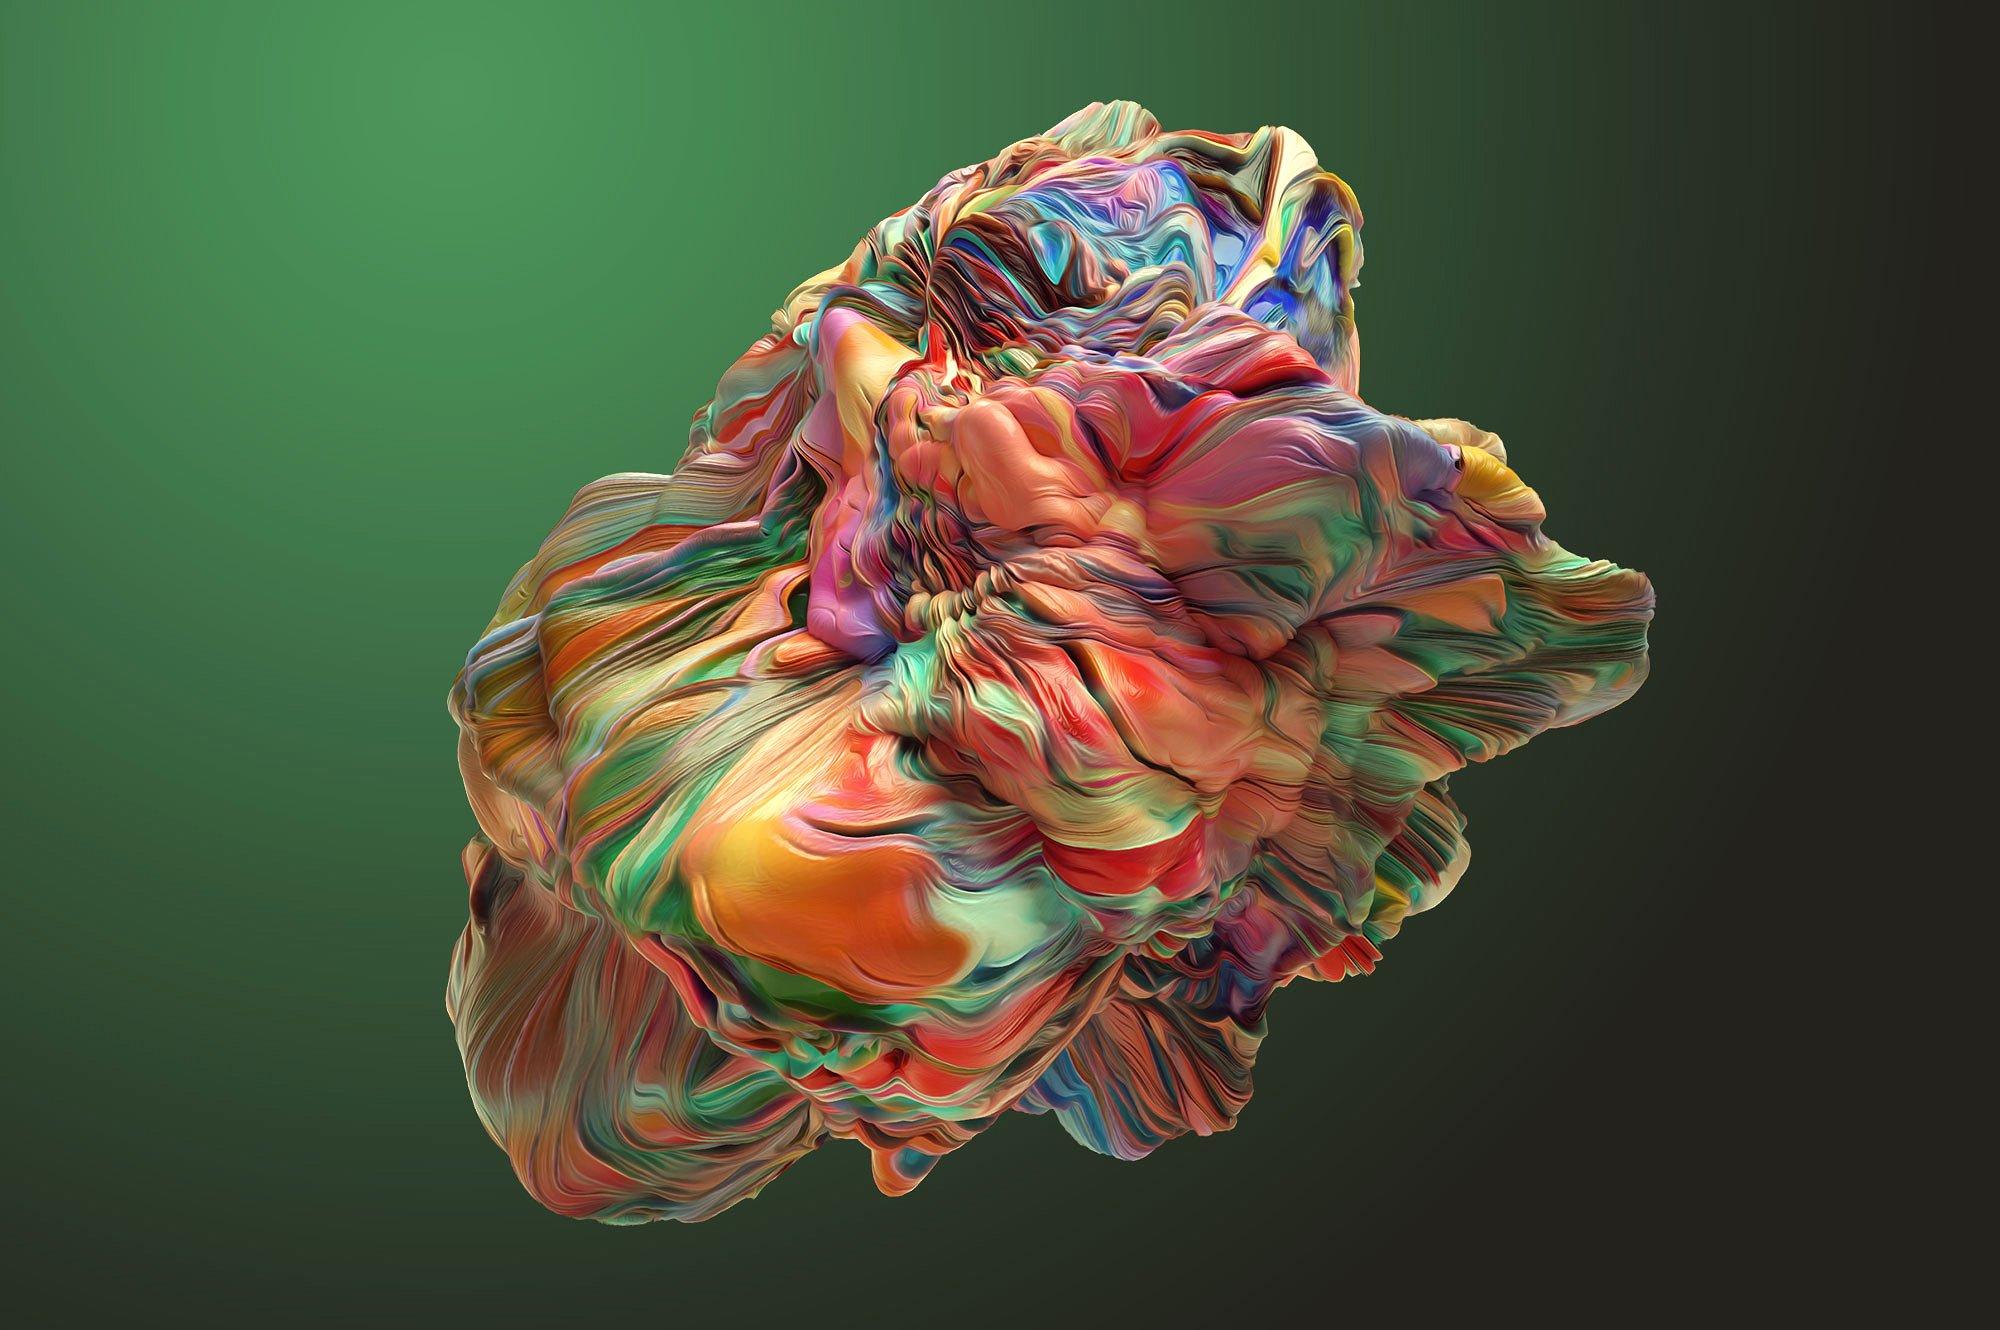 创意抽象纹理系列:15款高清3D抽象纹理&笔刷 3D Mirage, Vol. 1 (Exclusive)插图4